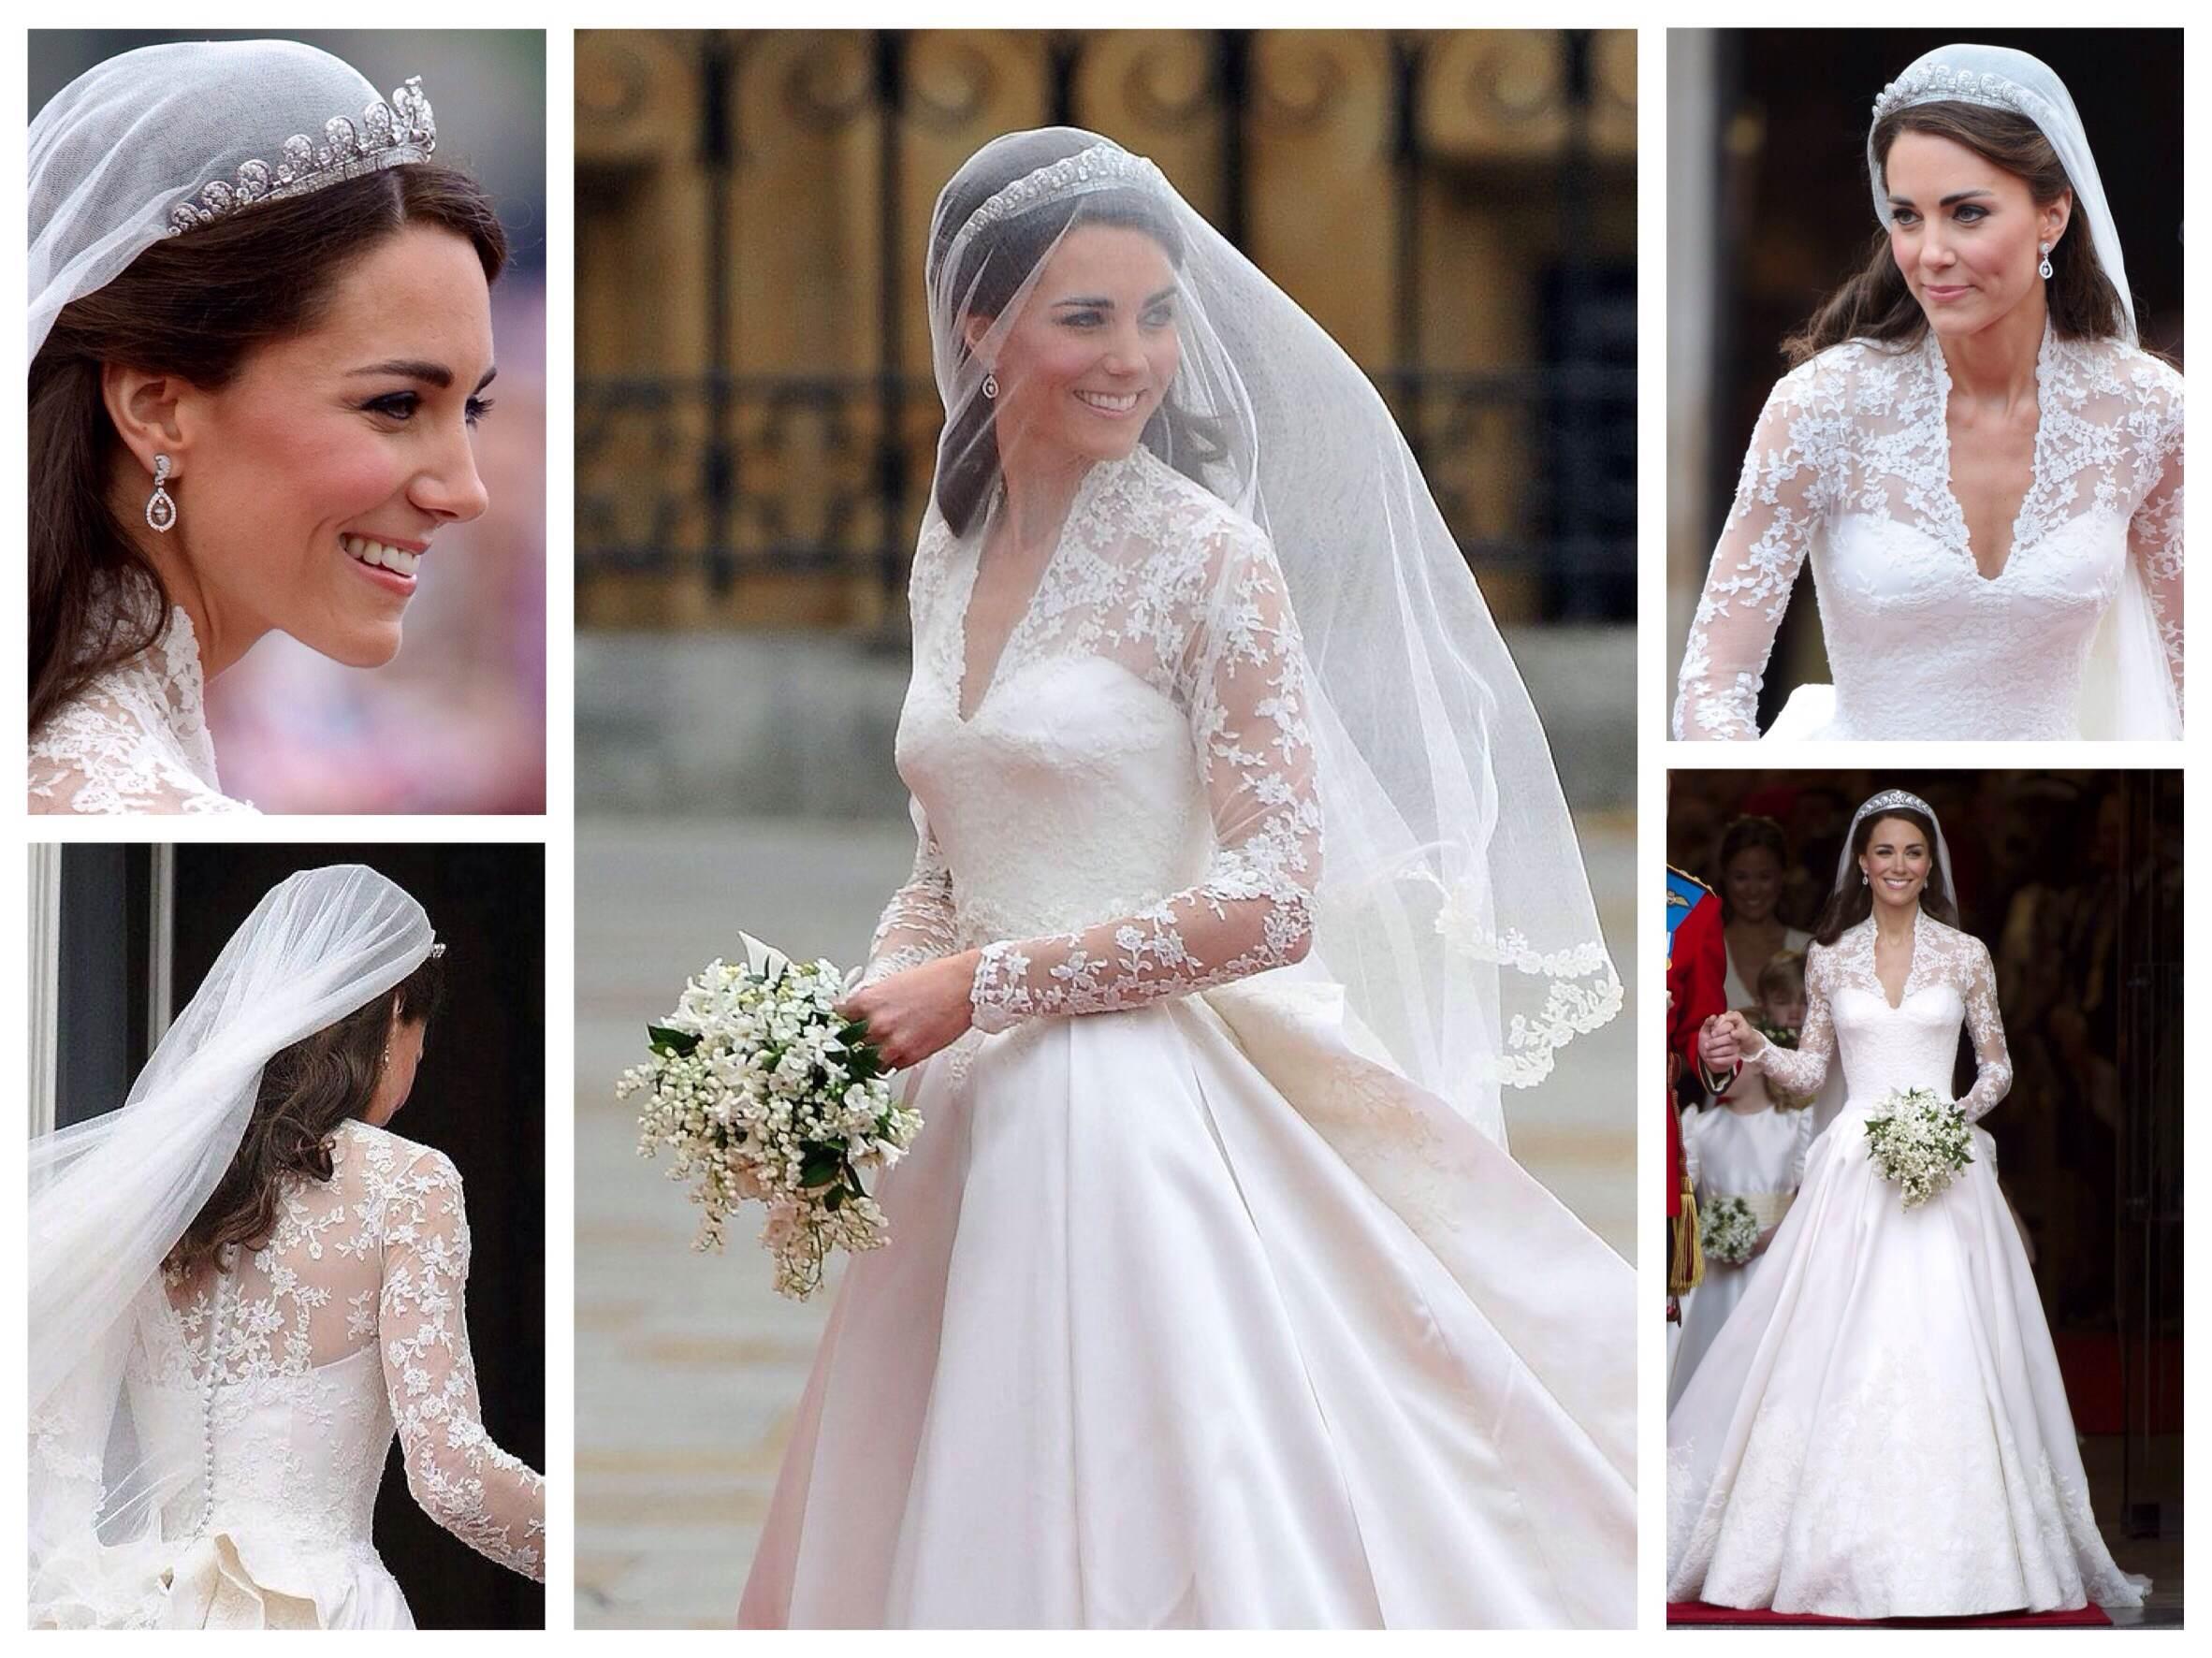 Кейт Миддлтон и несколько фактов о ее свадебном платье